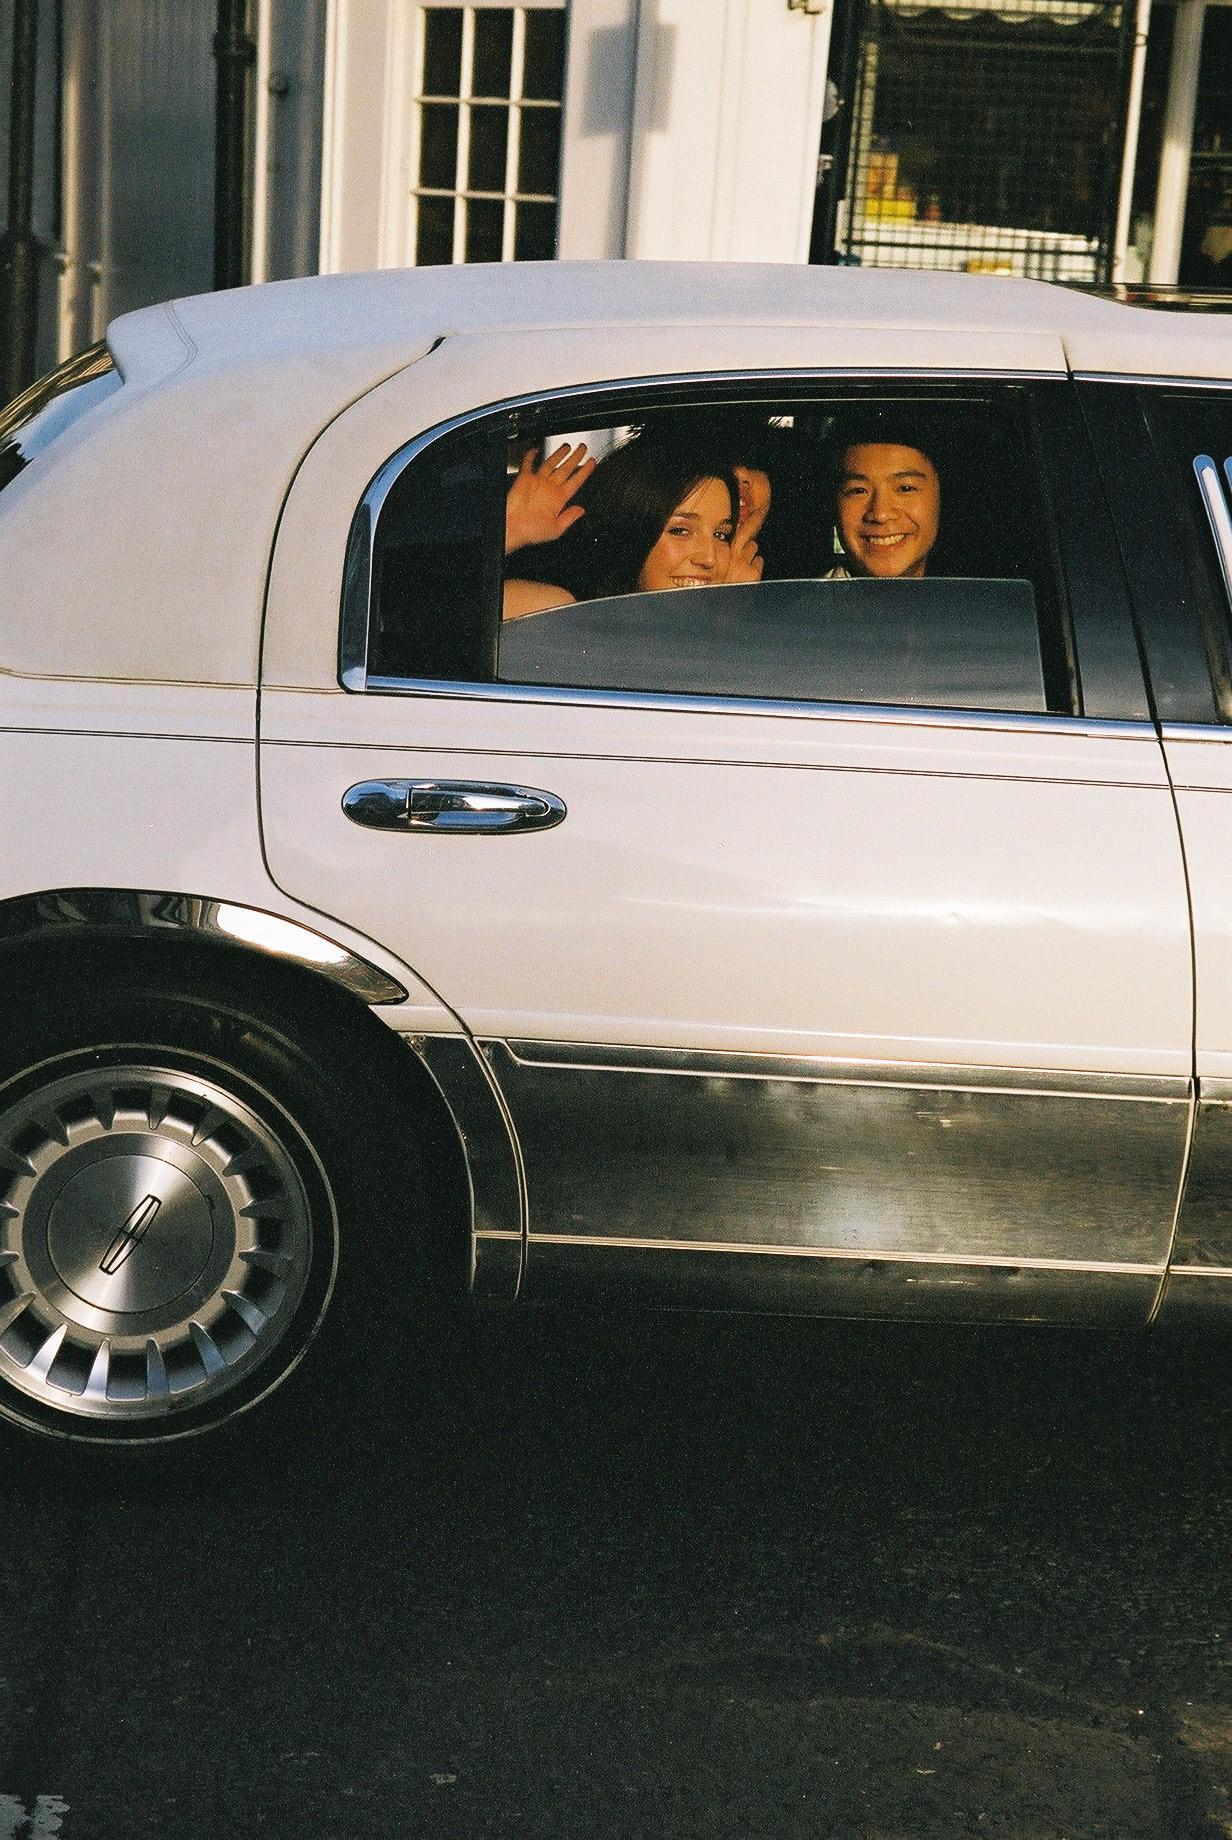 Teens in Limousine, Kings Cross.JPG